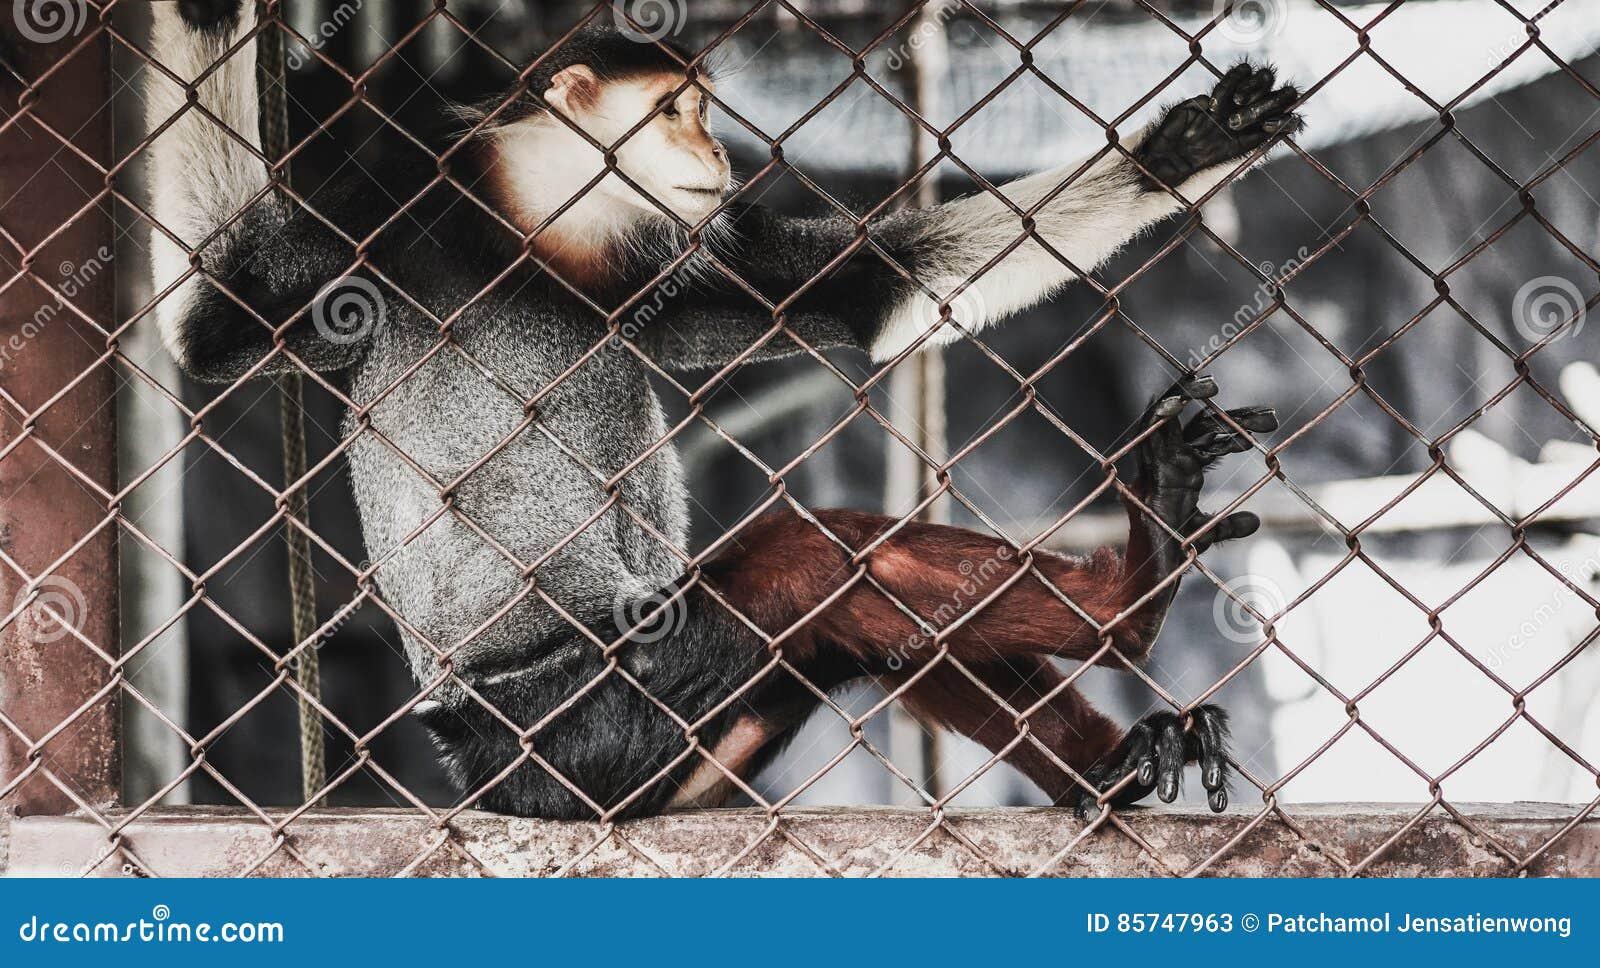 Makaken in einem Zookäfig